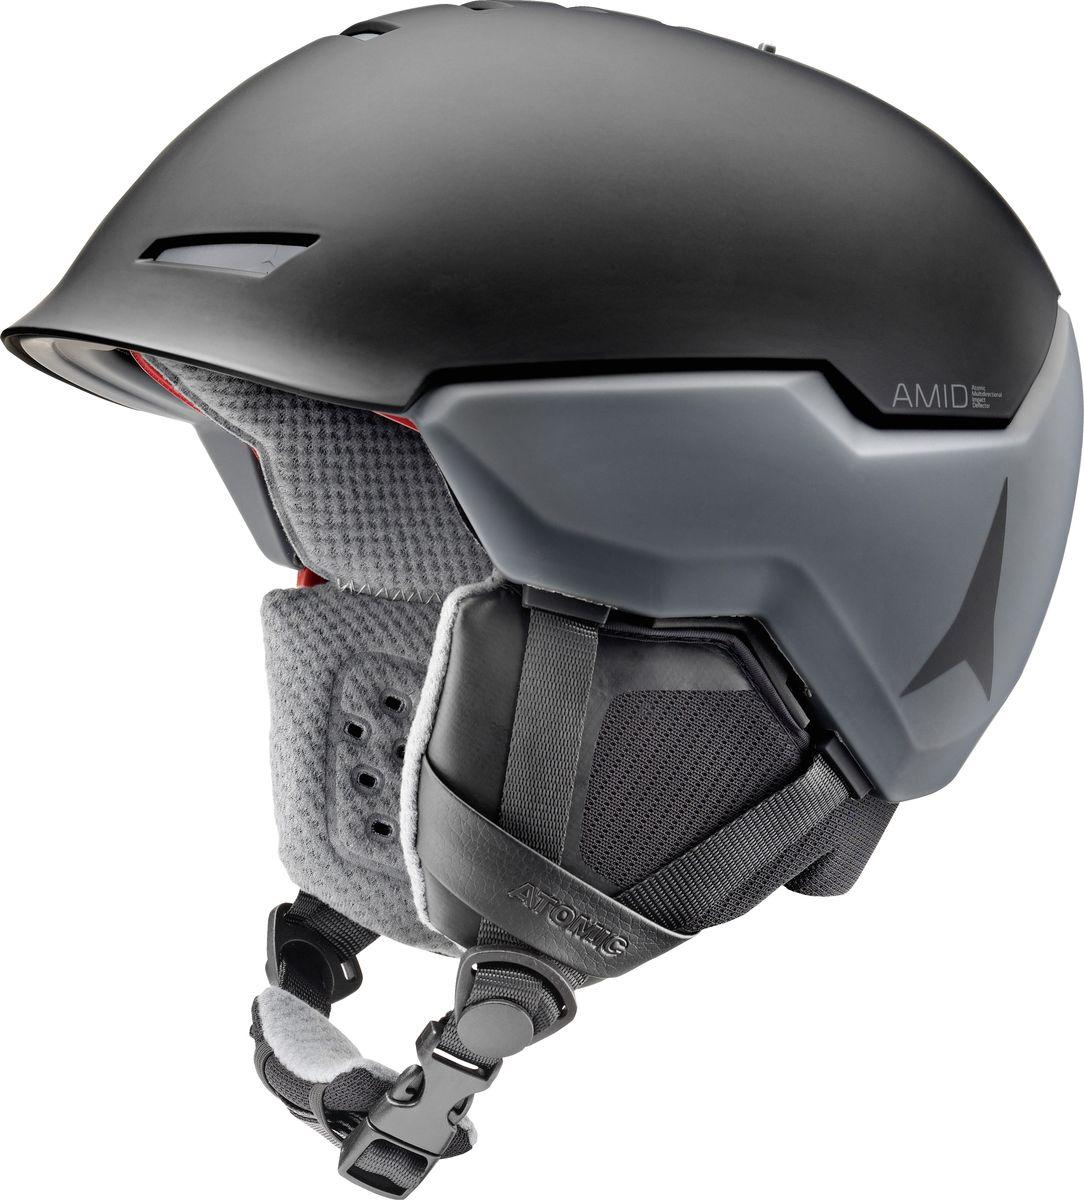 Шлем горнолыжный Atomic Revent+ Amid, цвет: черный. Размер XL (62-64)